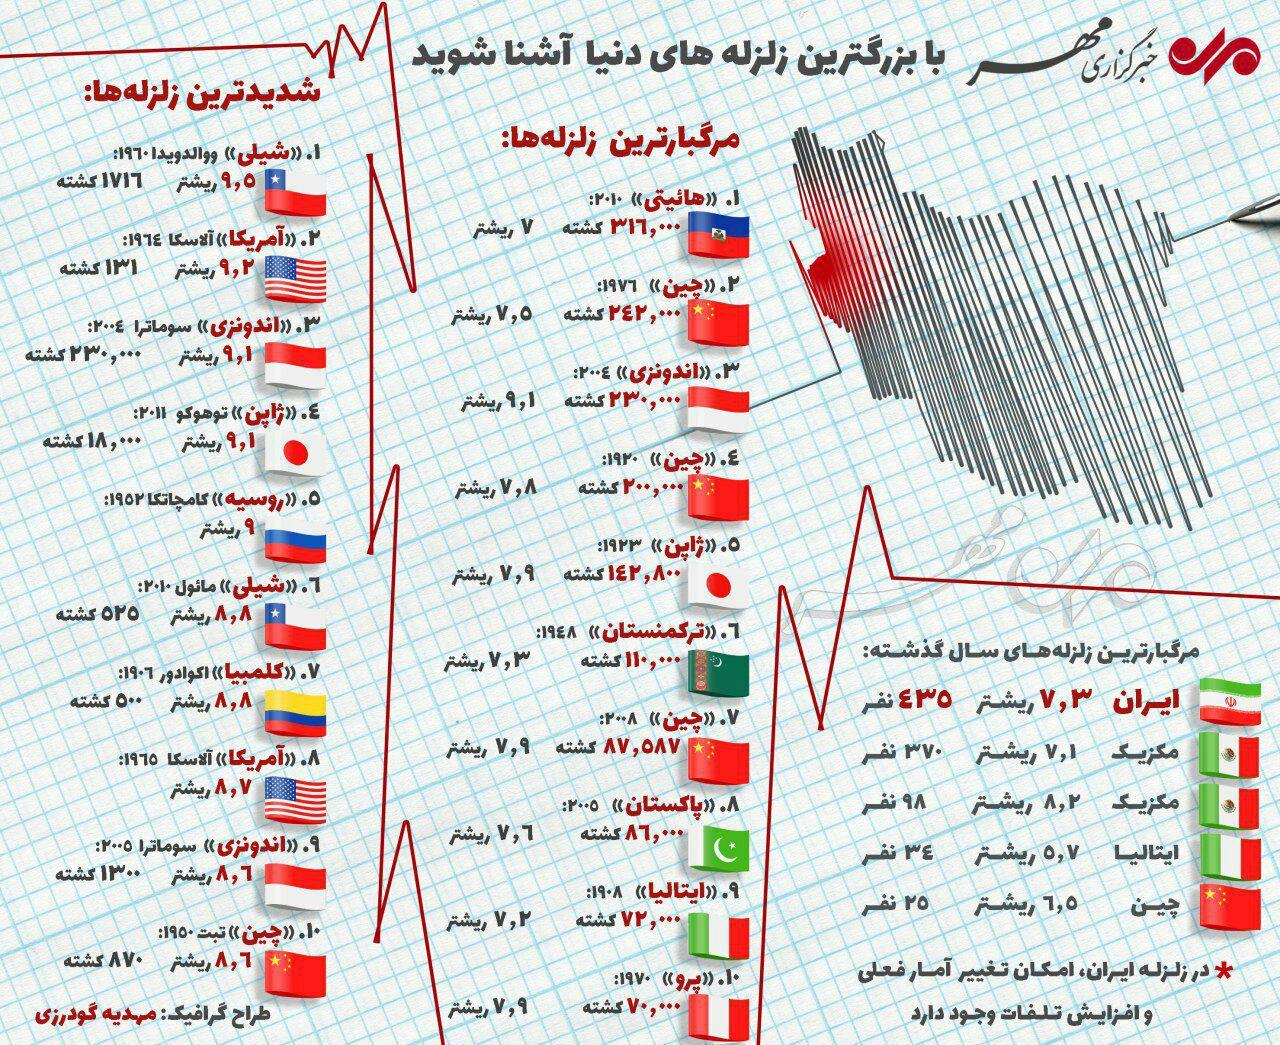 آخرین اخبار از مناطق زلزله زده غرب کشور / 432 کشته و 9388 مصدوم / انجام 1303 عمل جراحی بر روی مصدومان